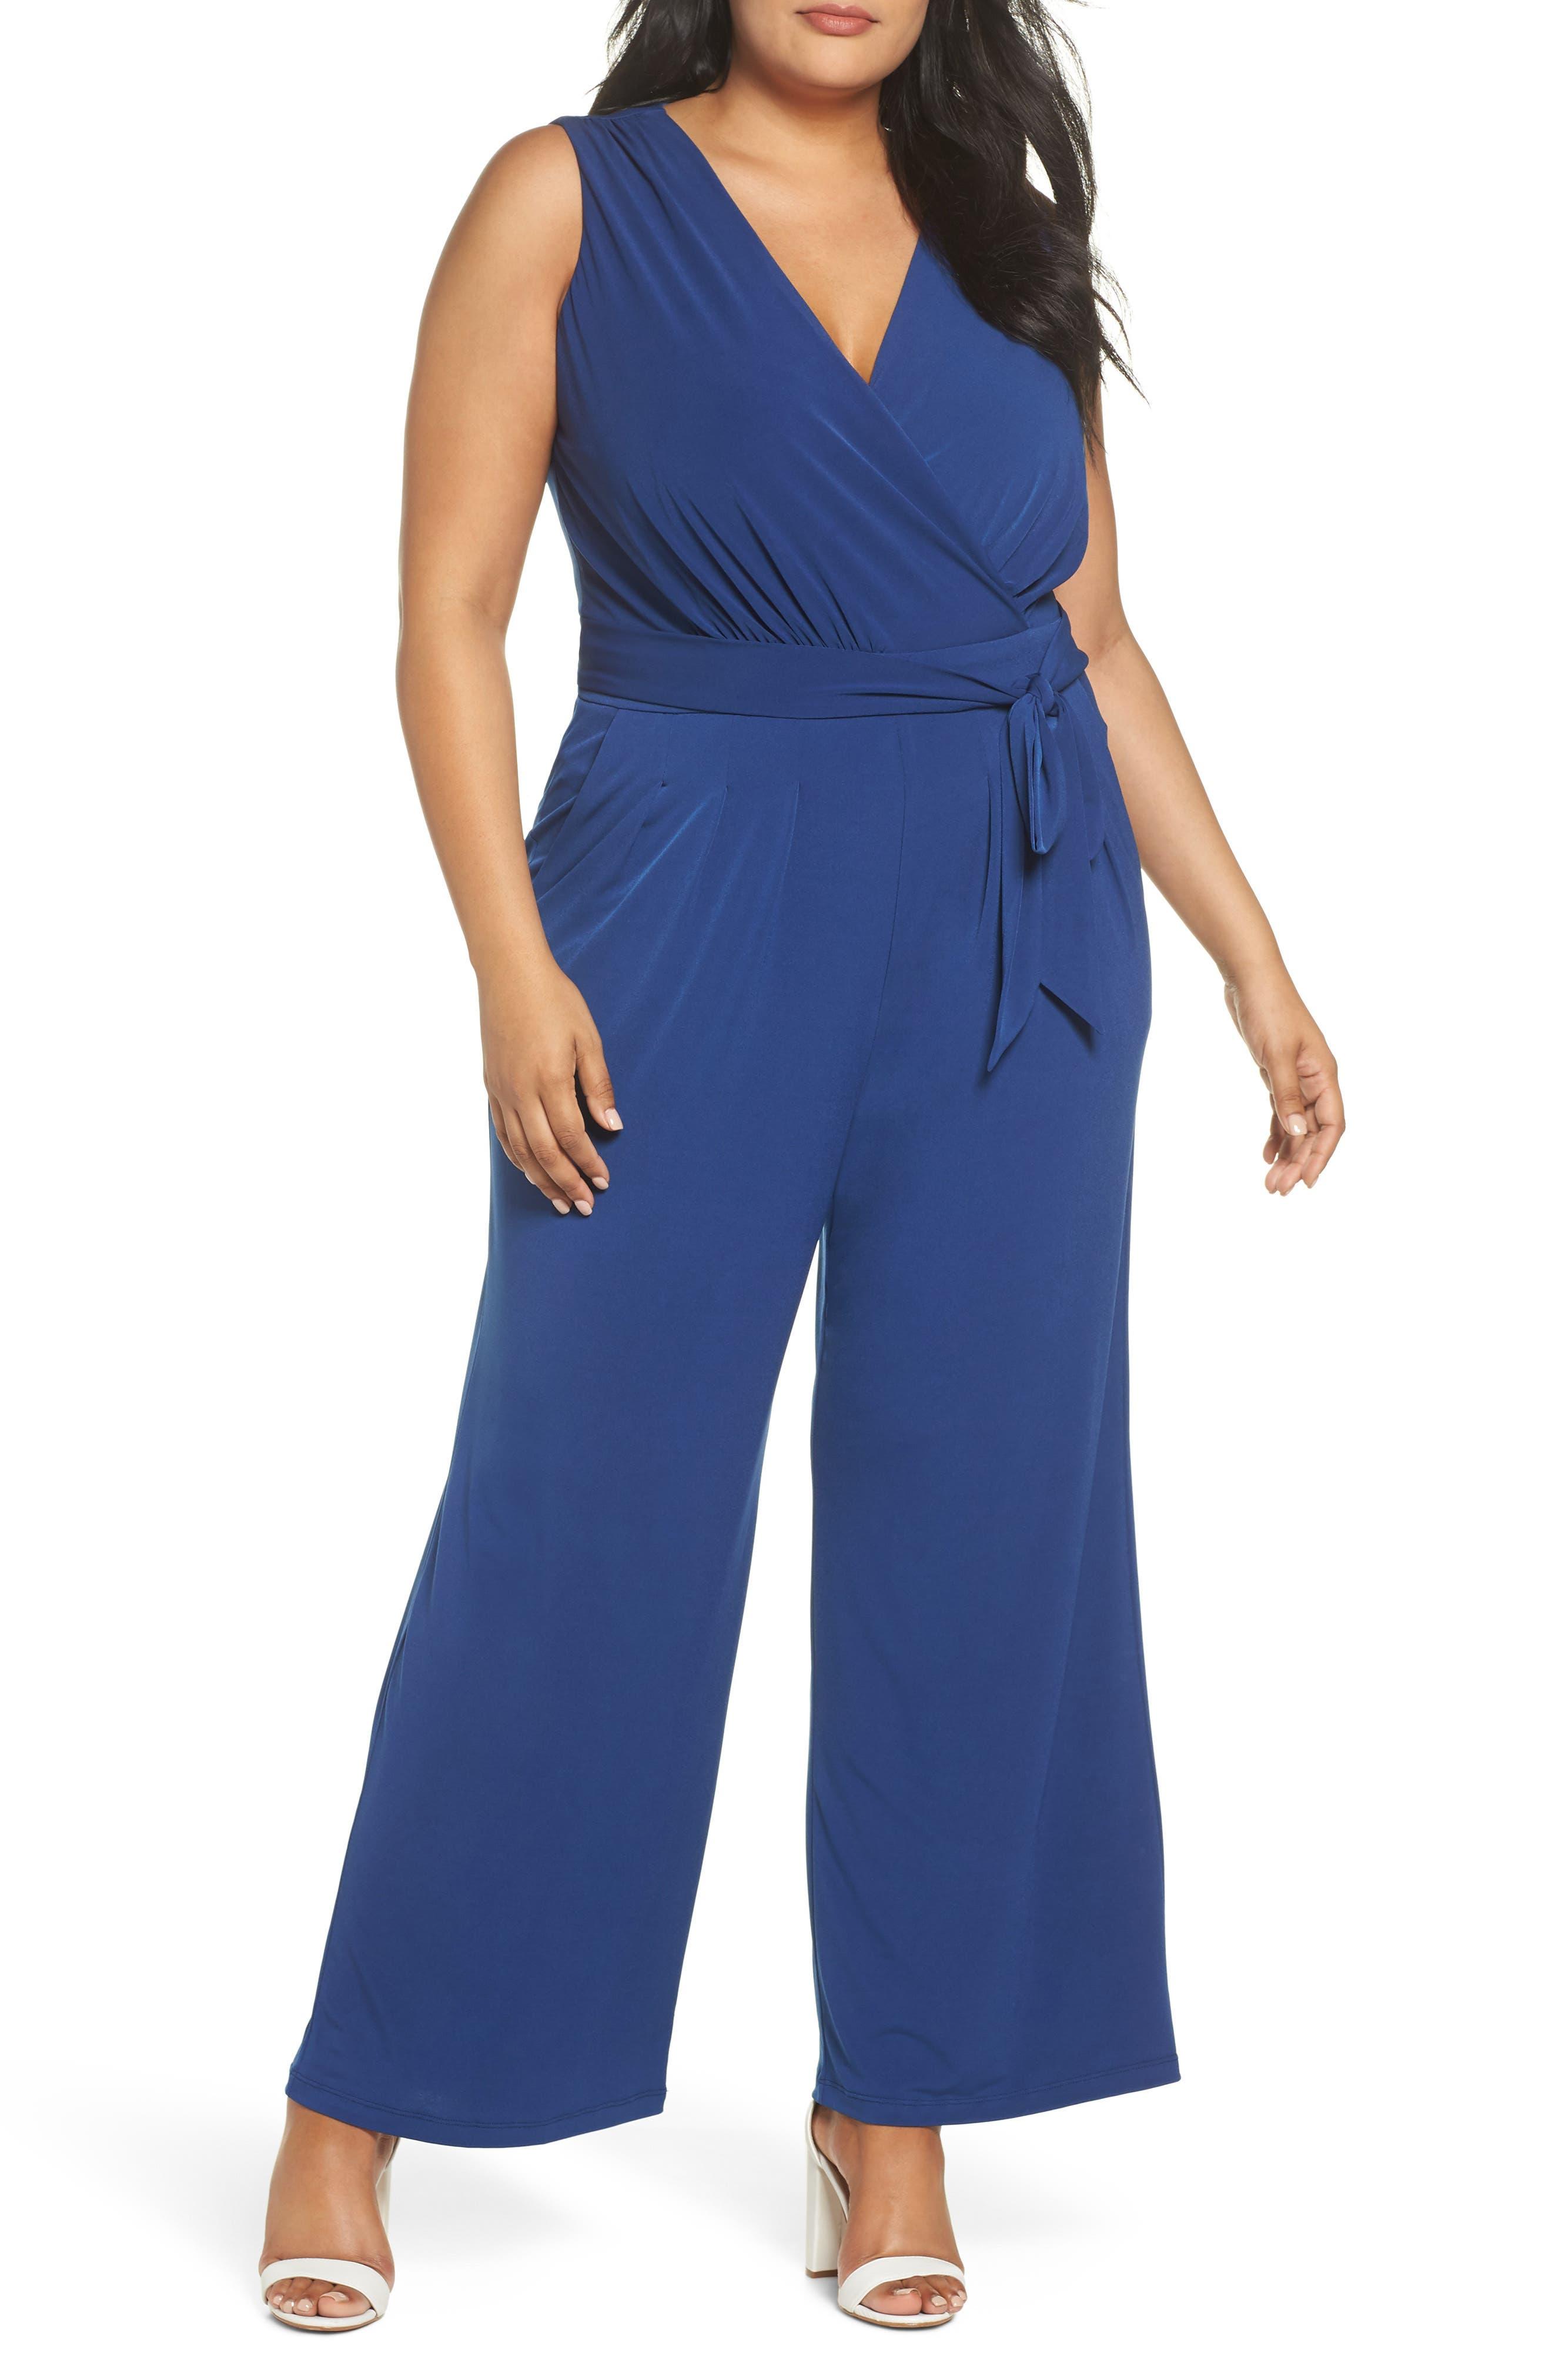 VINCE CAMUTO, Faux Wrap Wide Leg Jumpsuit, Main thumbnail 1, color, BLUE